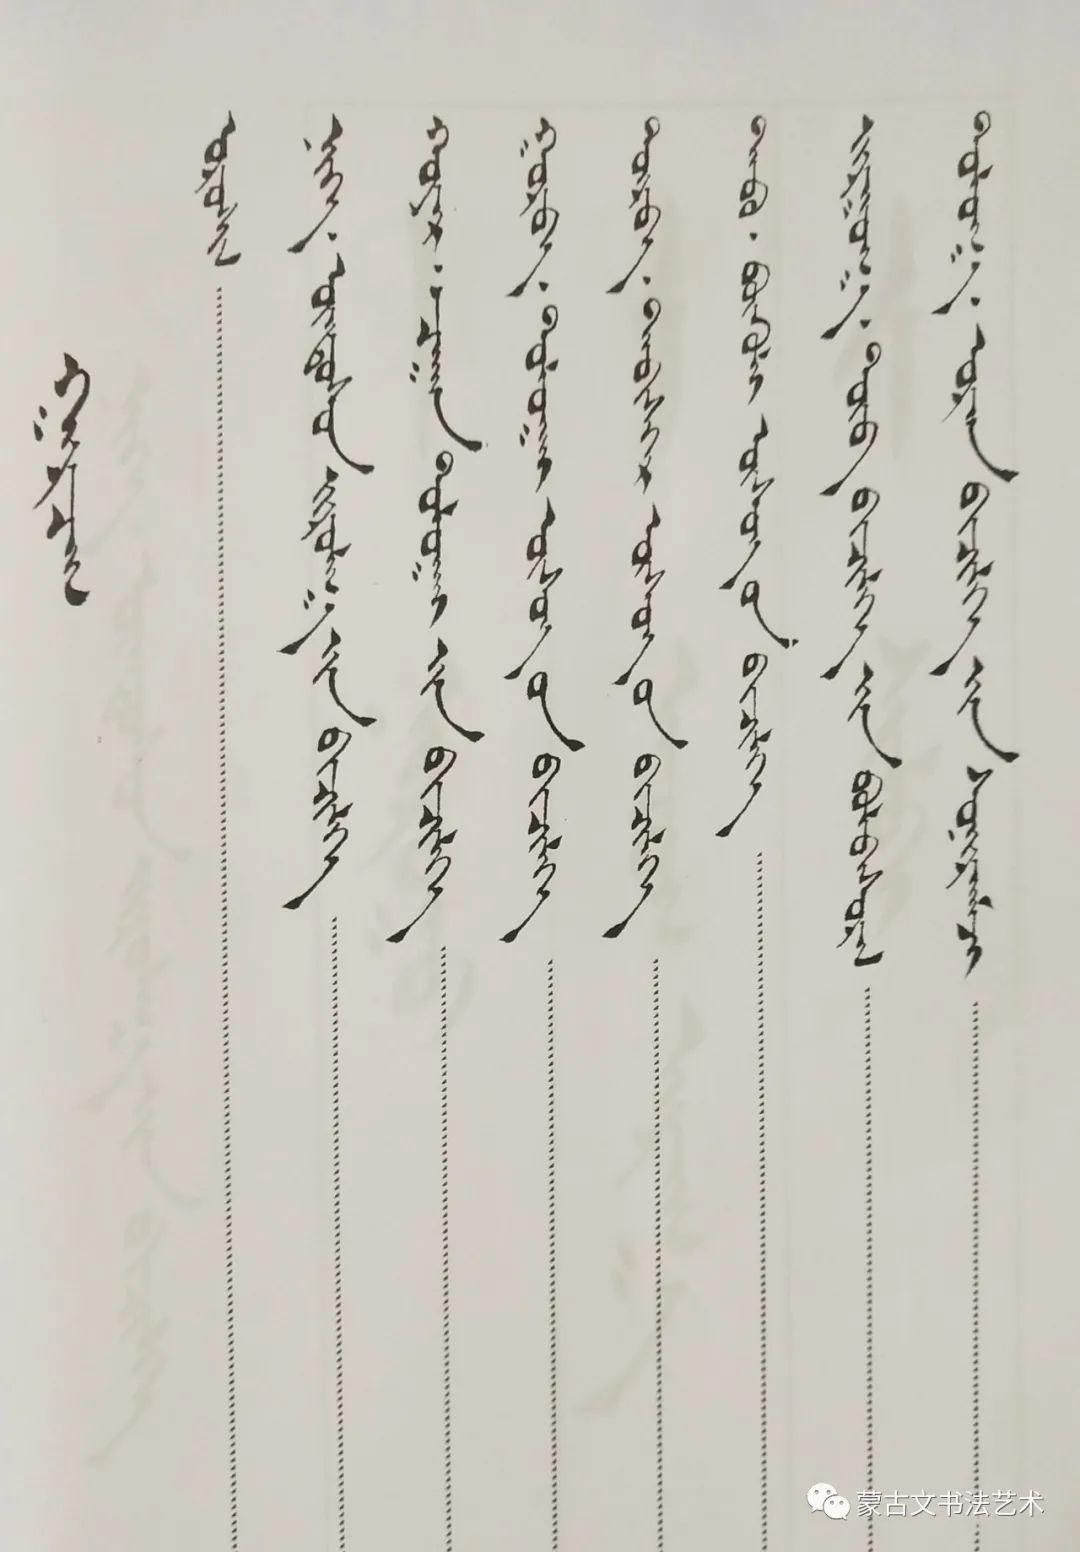 毕力格图出新书了《蒙古文书法字帖》 第5张 毕力格图出新书了《蒙古文书法字帖》 蒙古书法